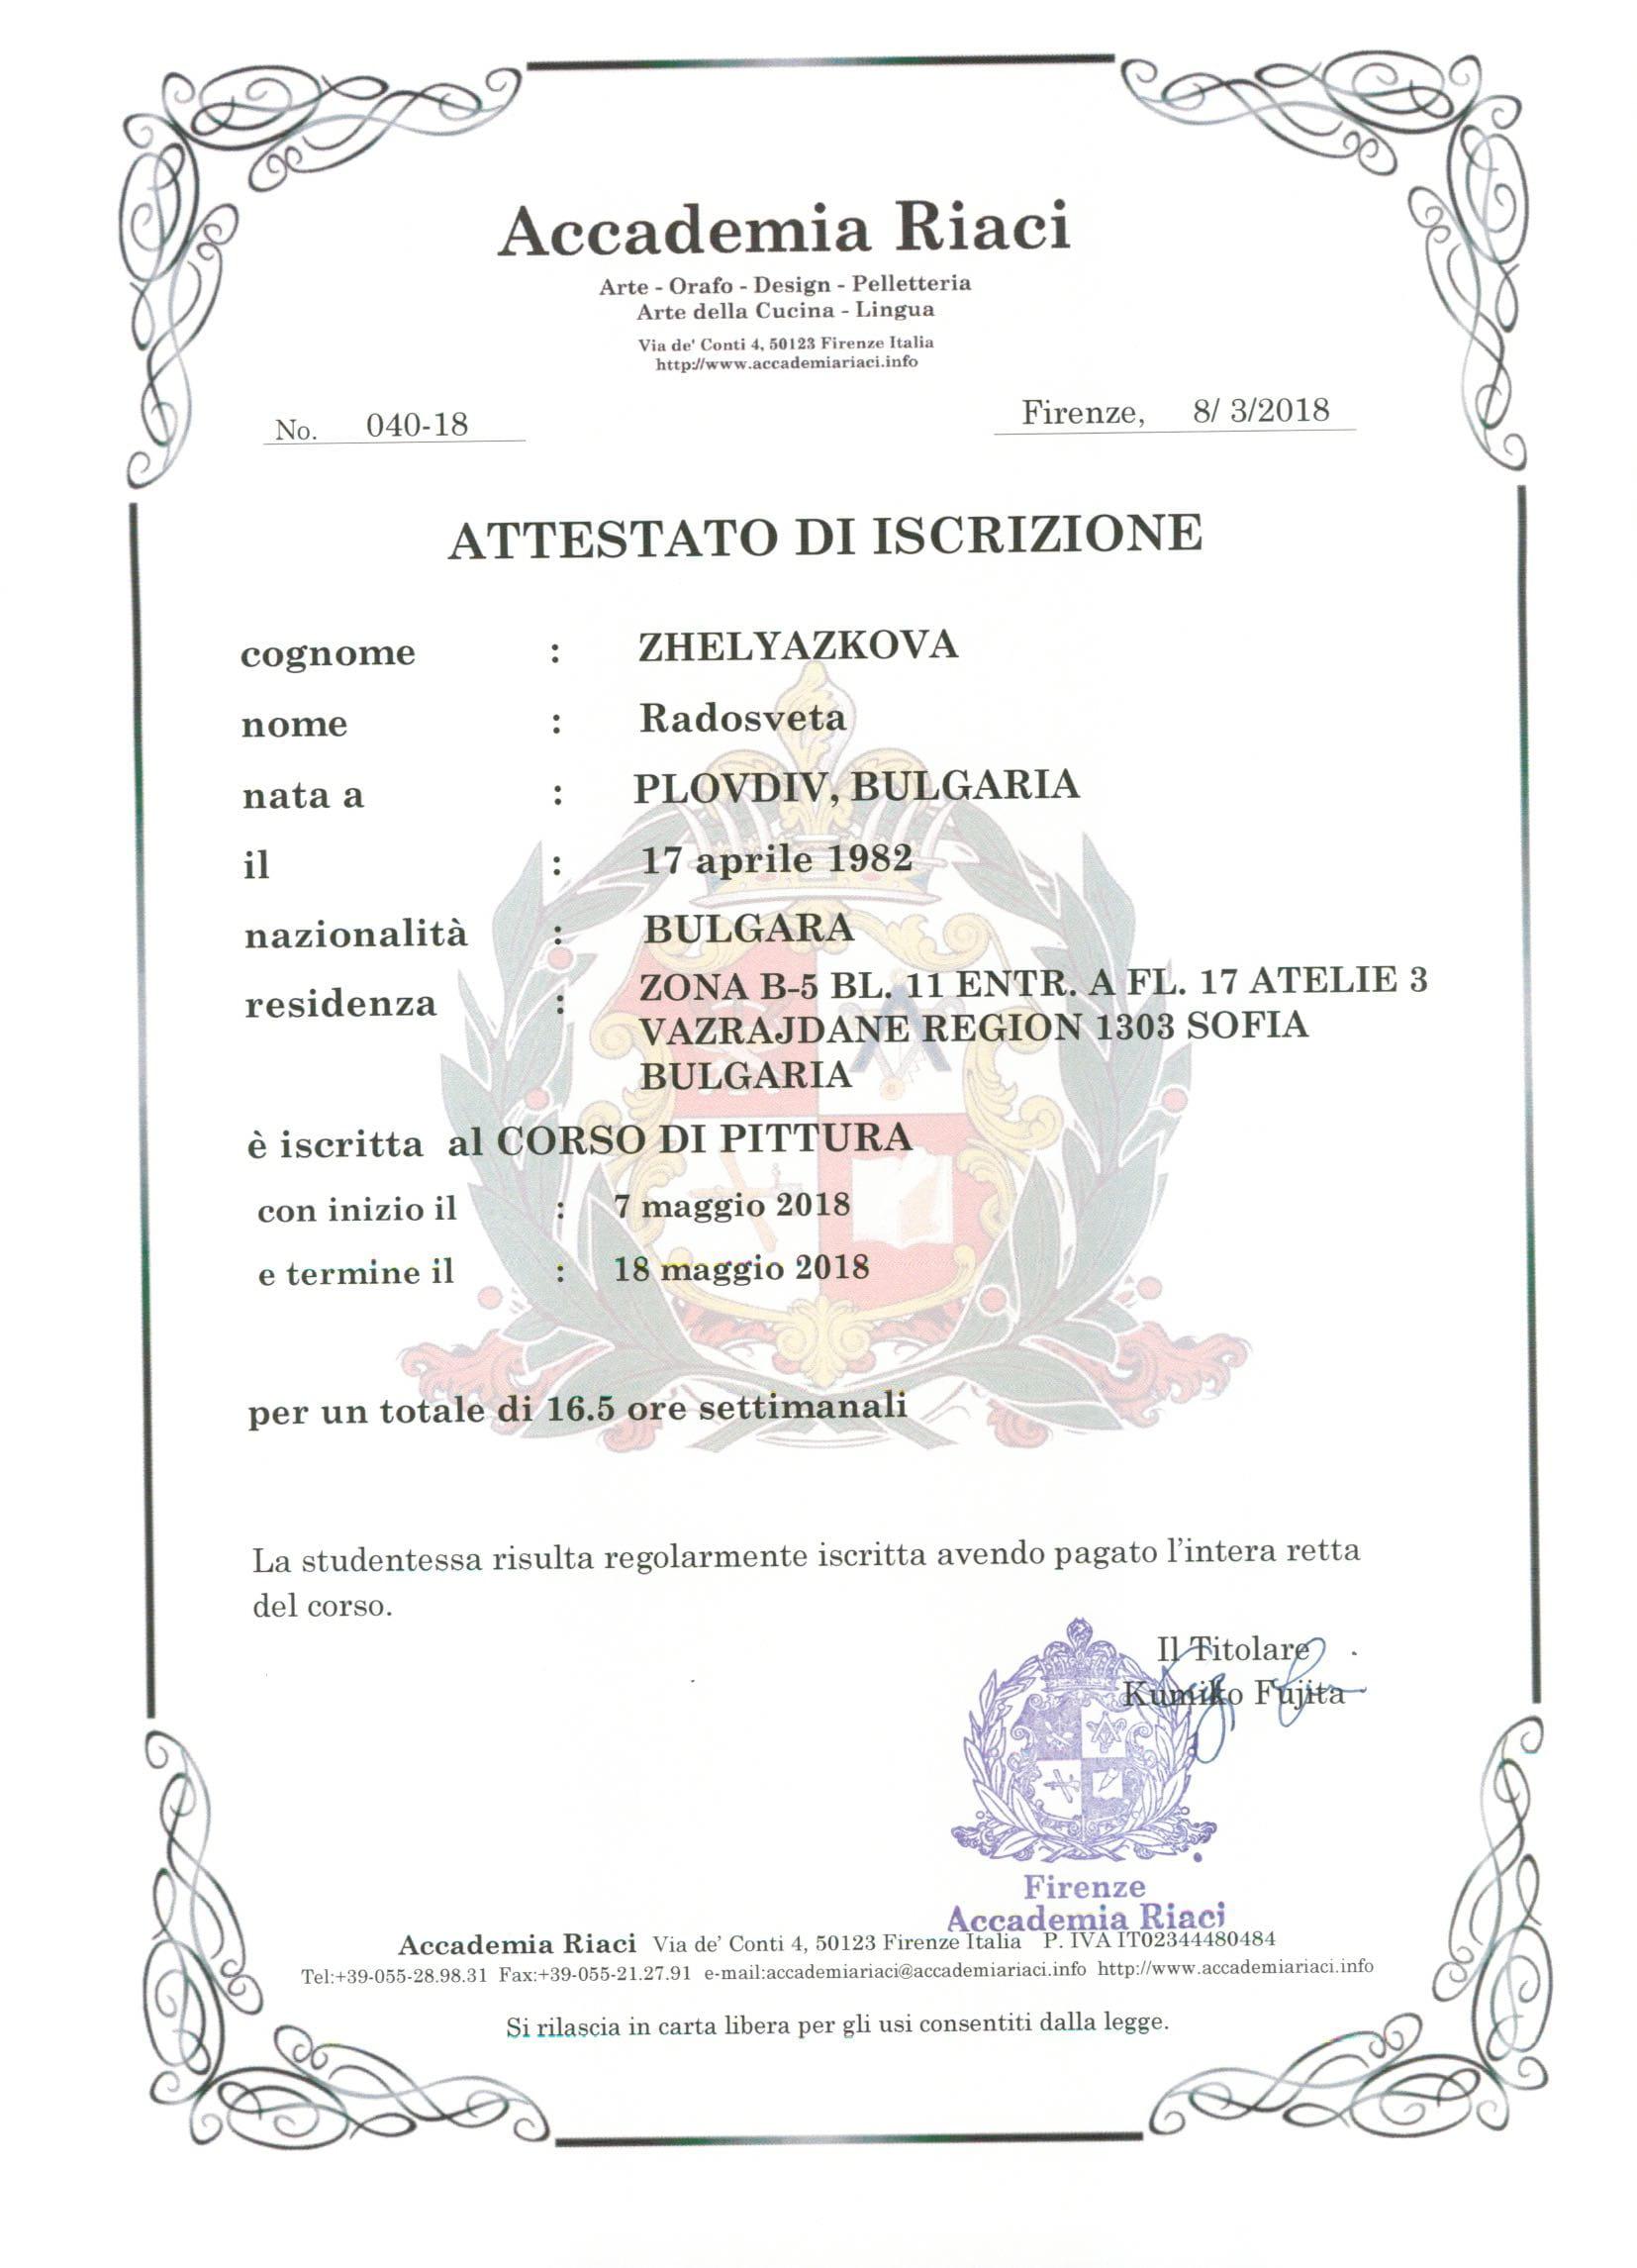 certificate –Accademia Riaci, Firenze, corso di pittura